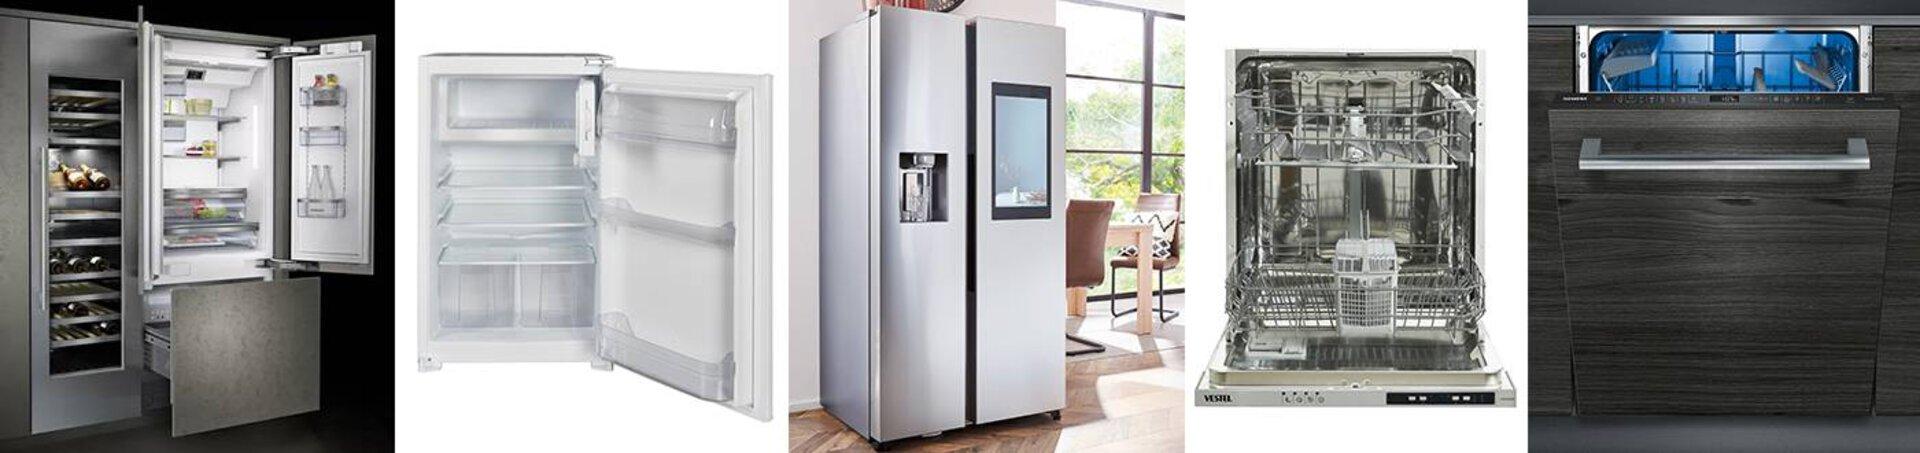 Kühlschränke und Geschirrspüler